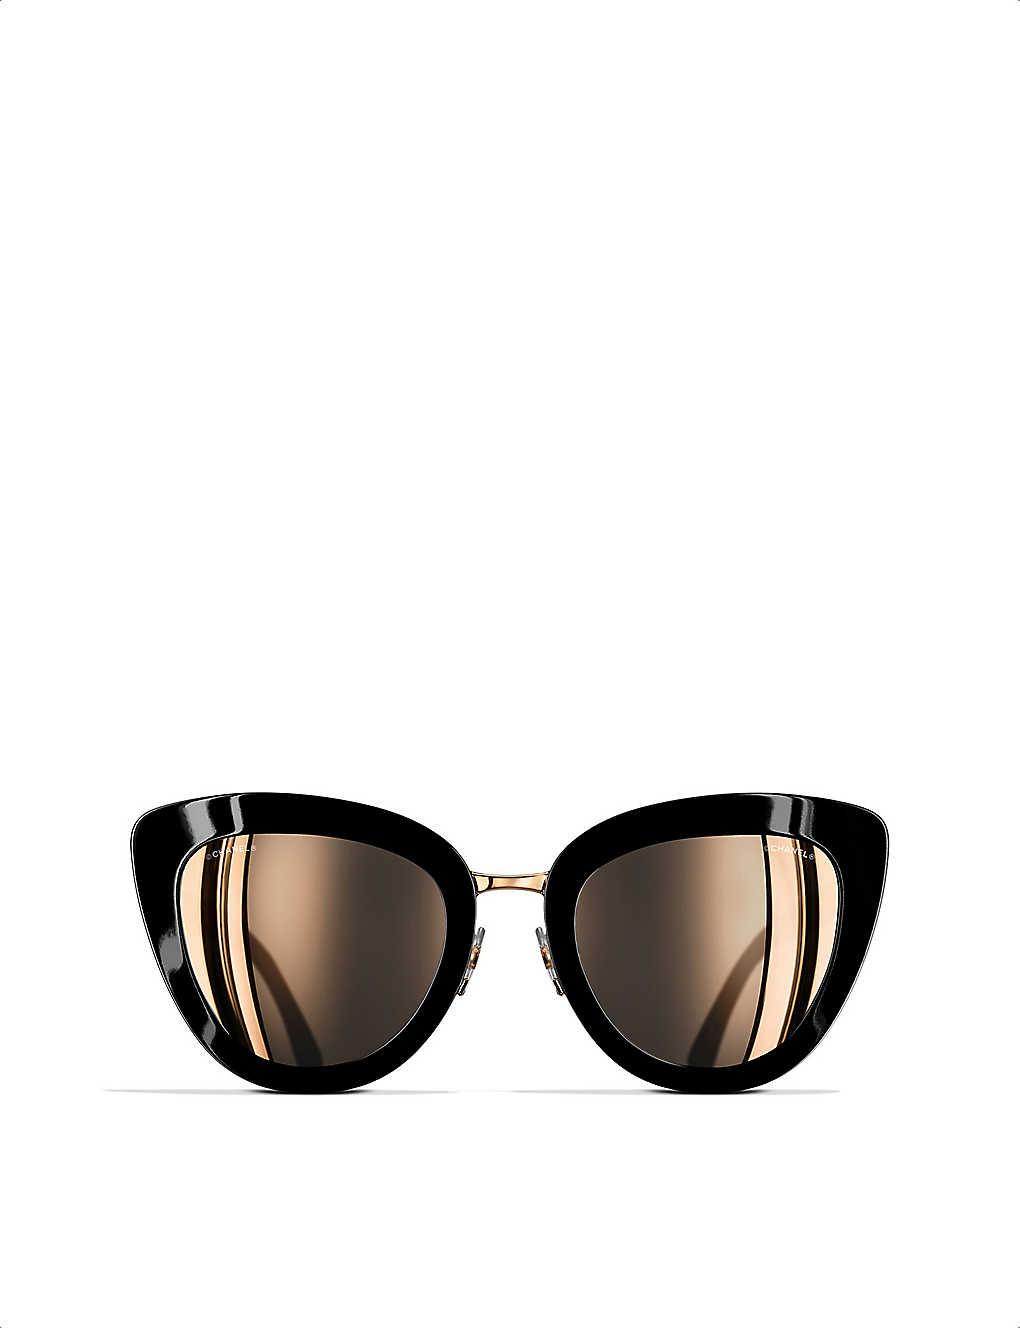 02406f4519 CHANEL - Cat-eye sunglasses